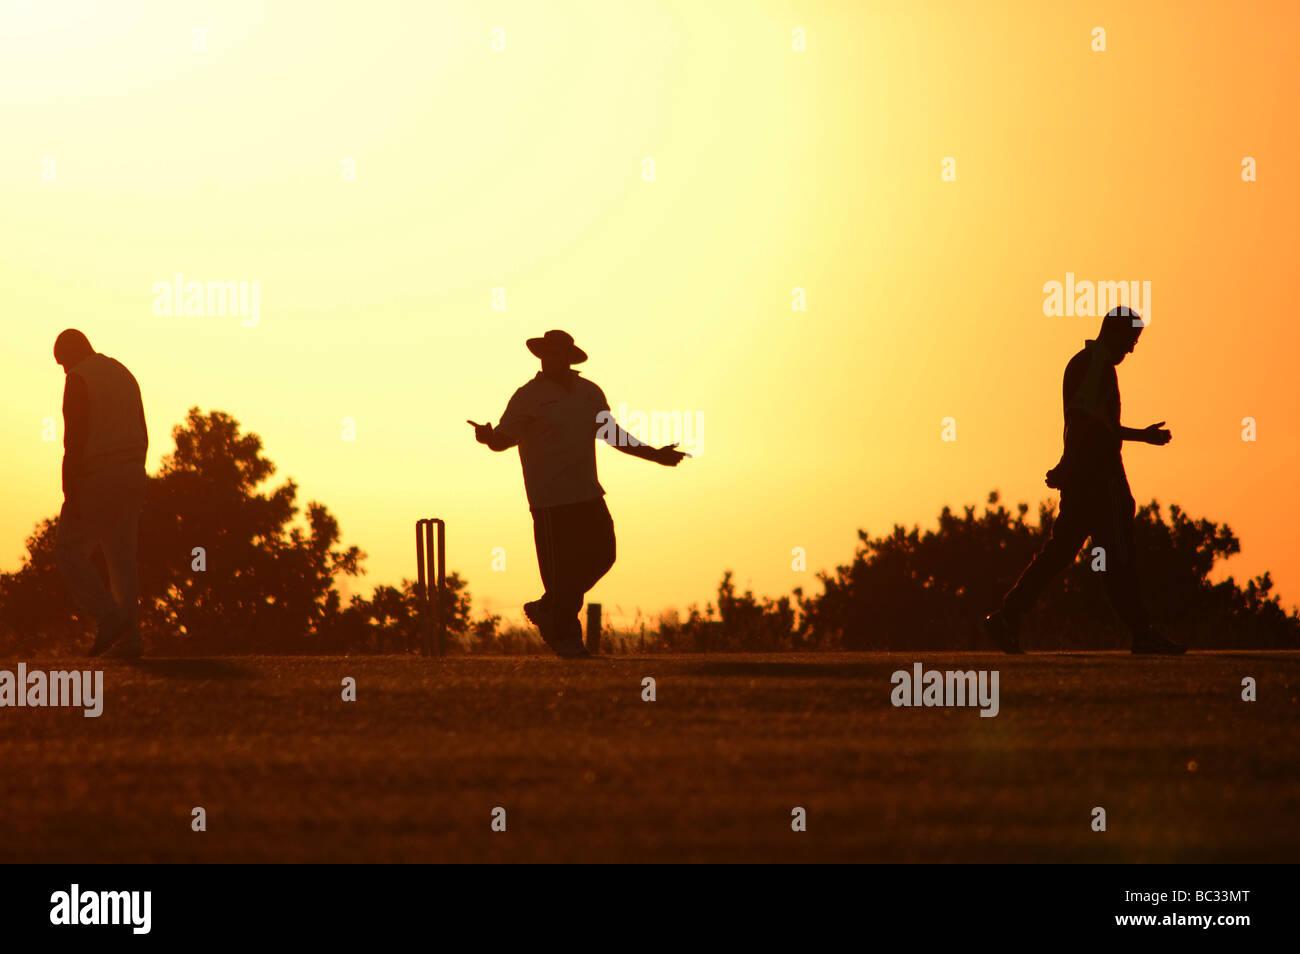 Juge-arbitre et deux joueurs de cricket sur une soirée d'été. Photo Stock